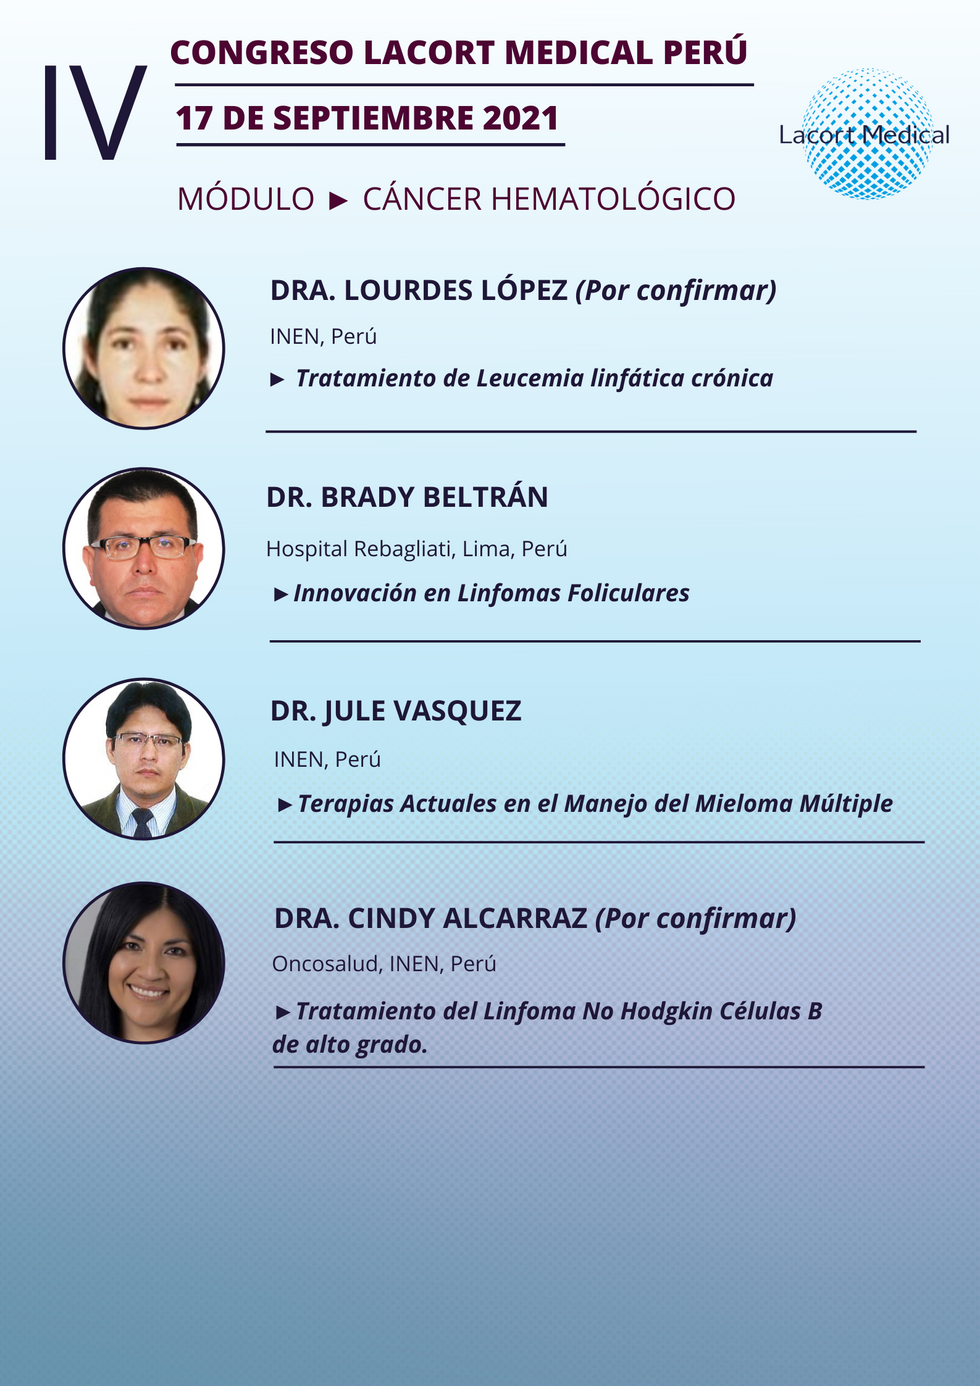 Agenda Preliminar IV Congreso LACORT Perú 2021 (4).png